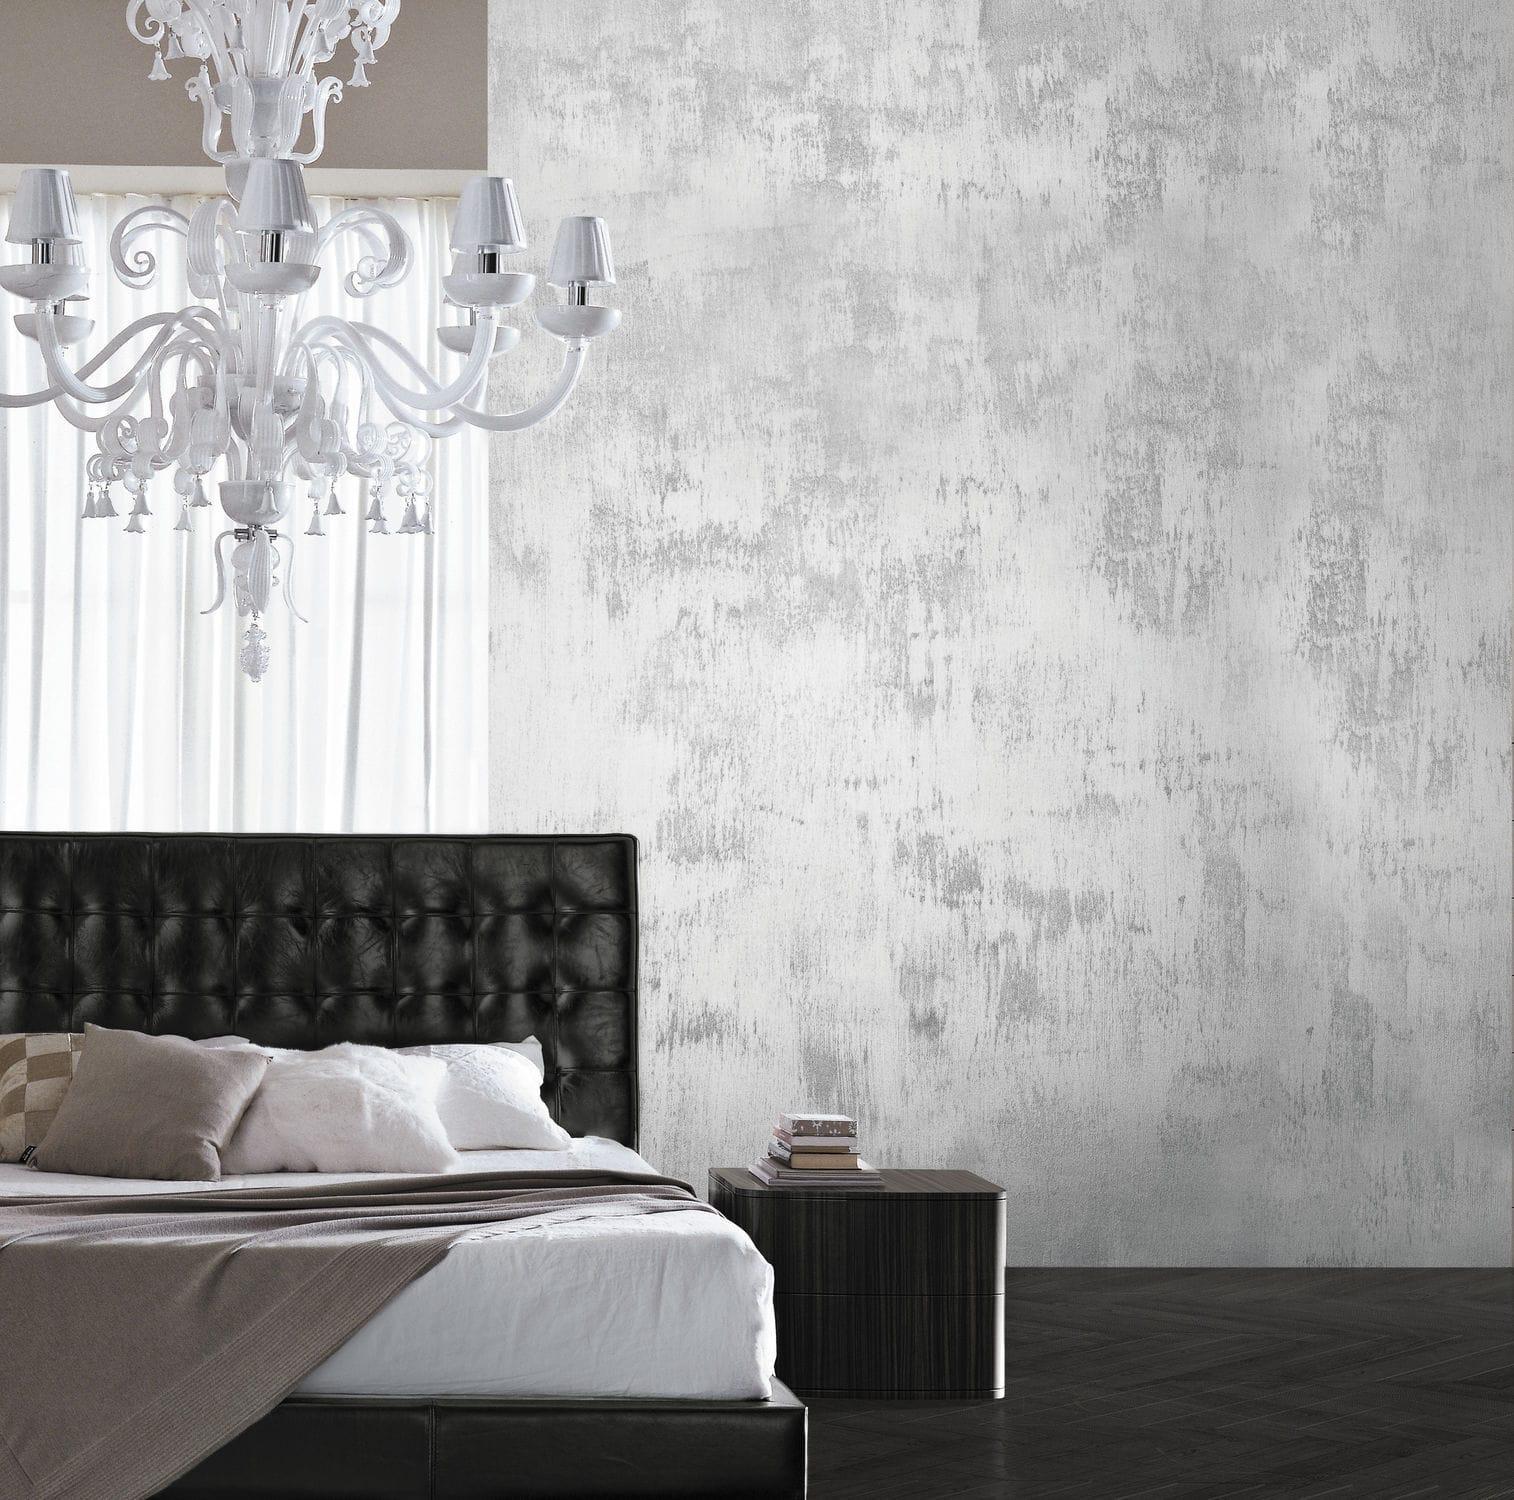 Colori pitture per pareti moderne le 10 migliori idee con for Pareti colorate casa moderna